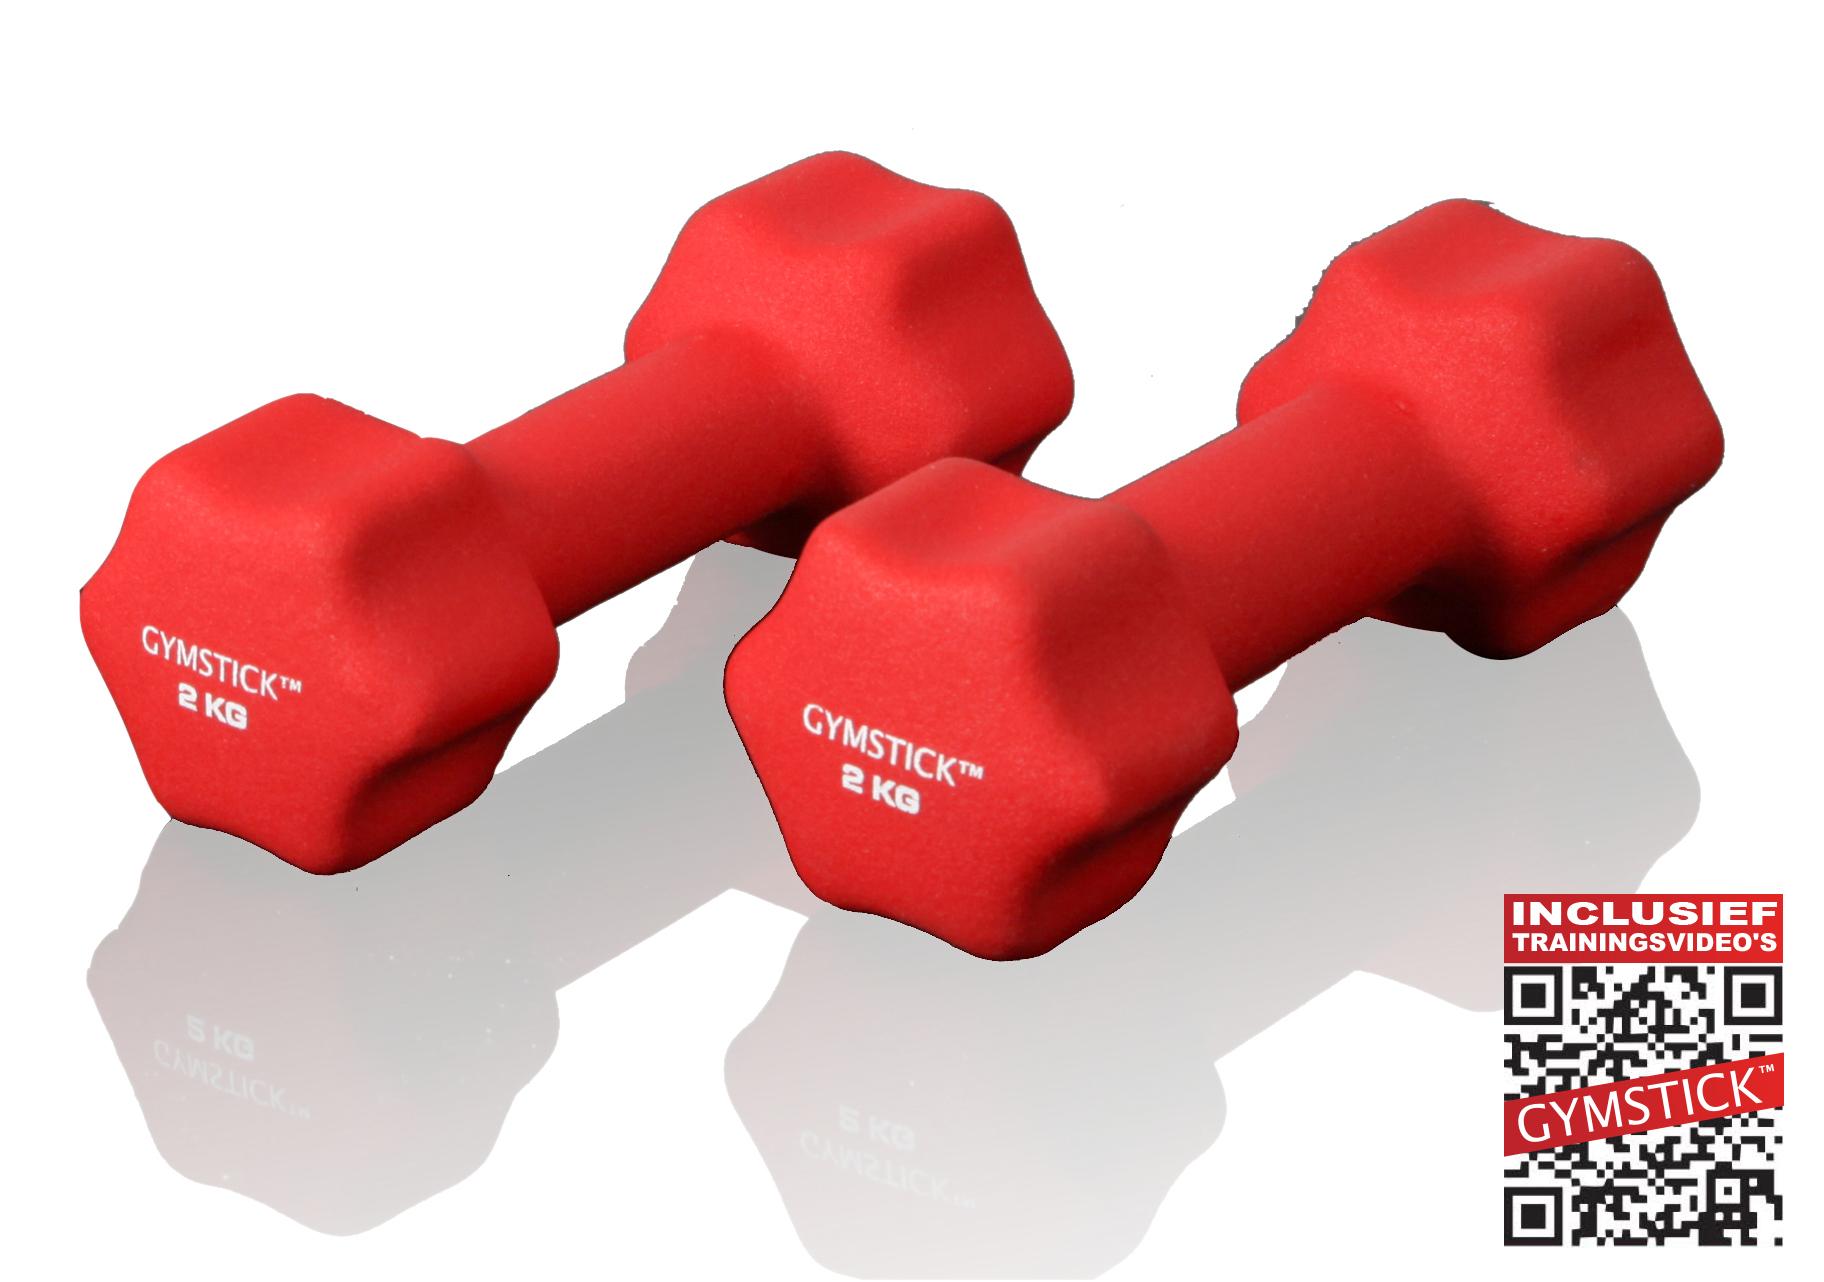 Gymstick dumbbell set (2 kg) + workout DVD